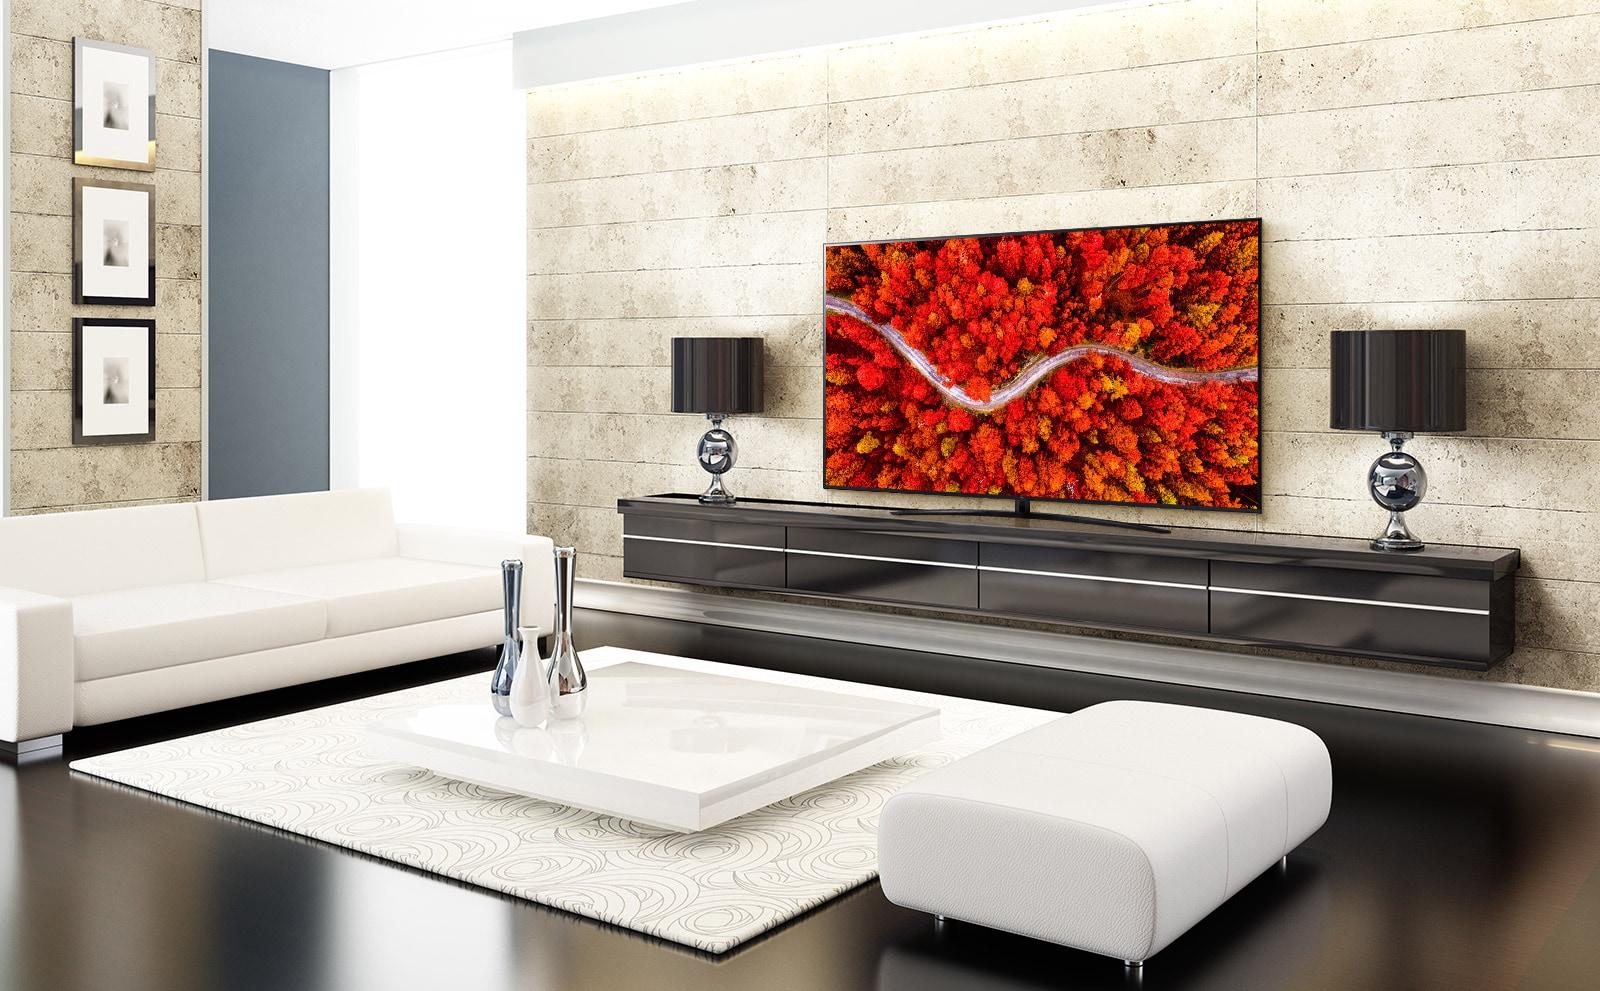 ห้องนั่งเล่นที่หรูหรามีทีวีแสดงภาพผืนป่าสีแดง